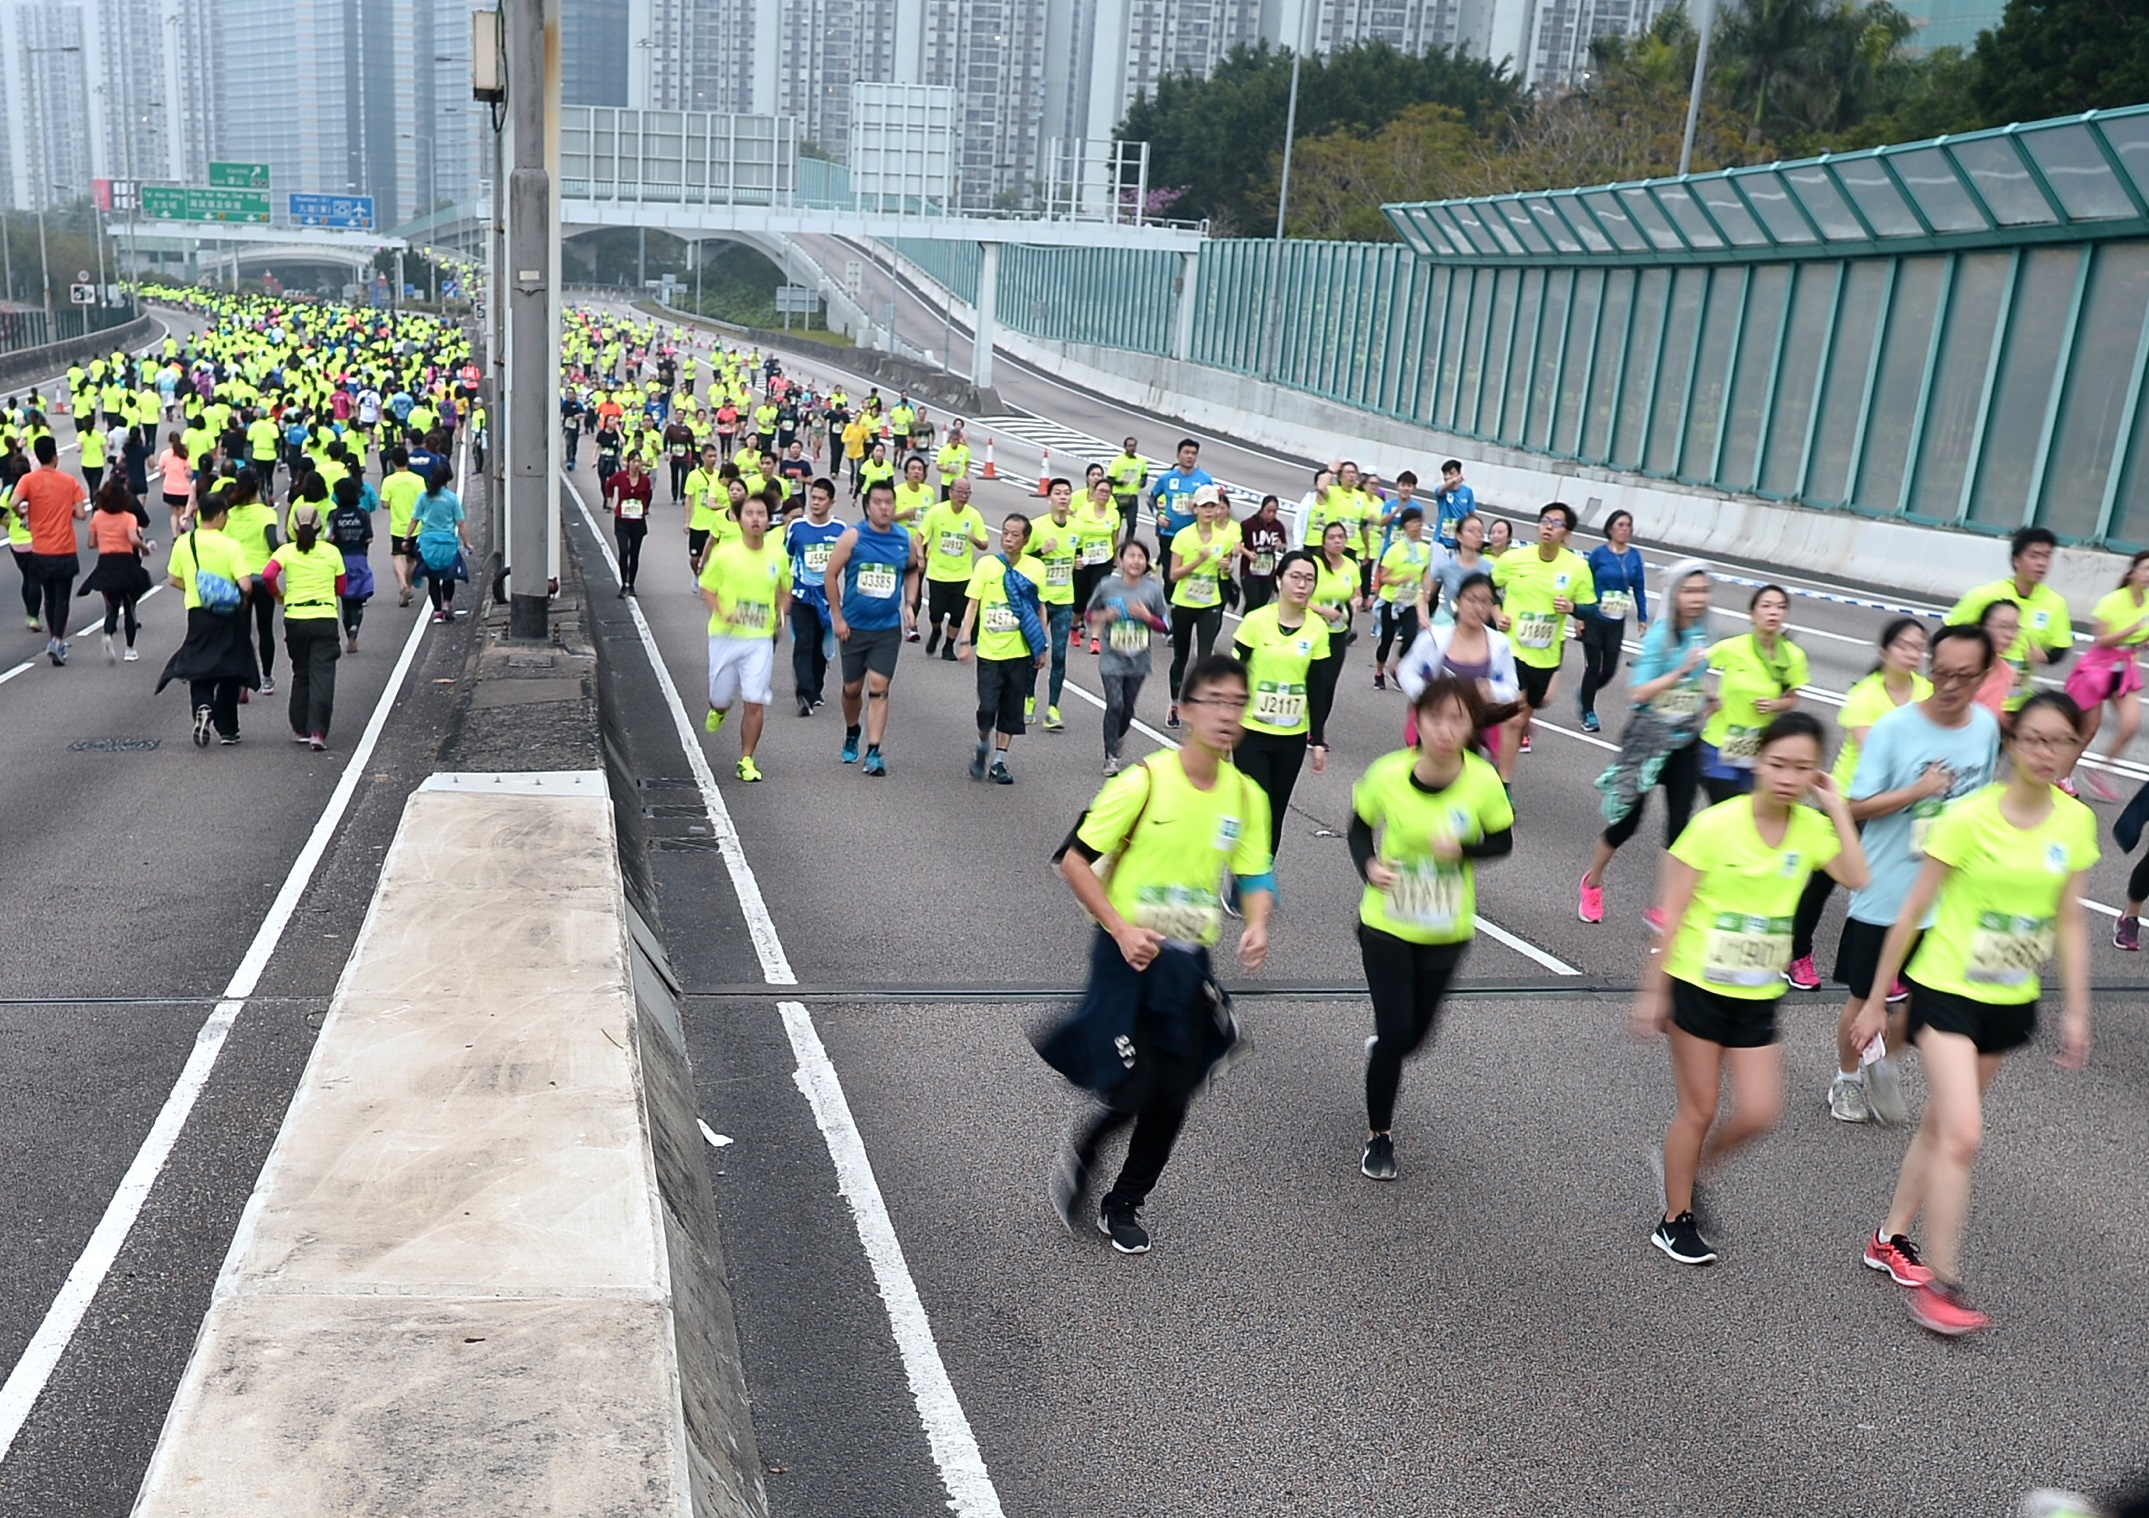 马拉松大会今年增设安全提示。资料图片